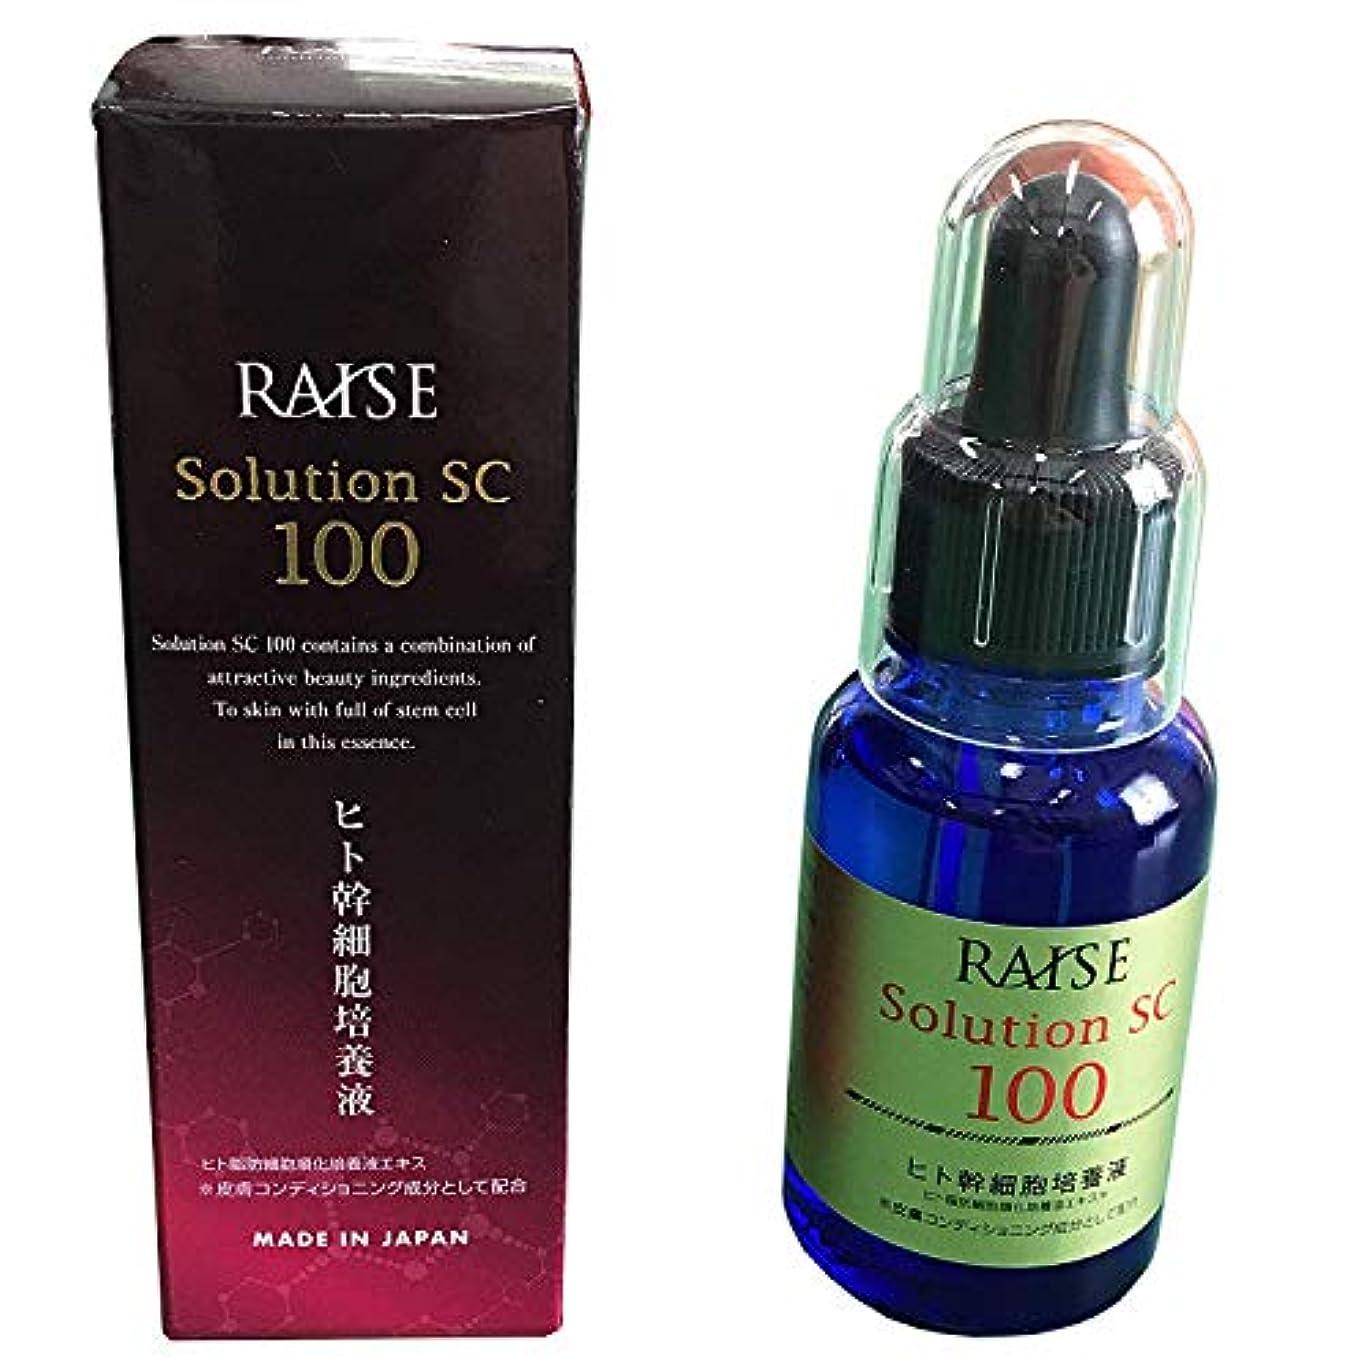 充実モック未亡人RAISE (レイズ) ソリューション SC100 ヒト幹細胞 + 活性型 FGF 美容液 30ml